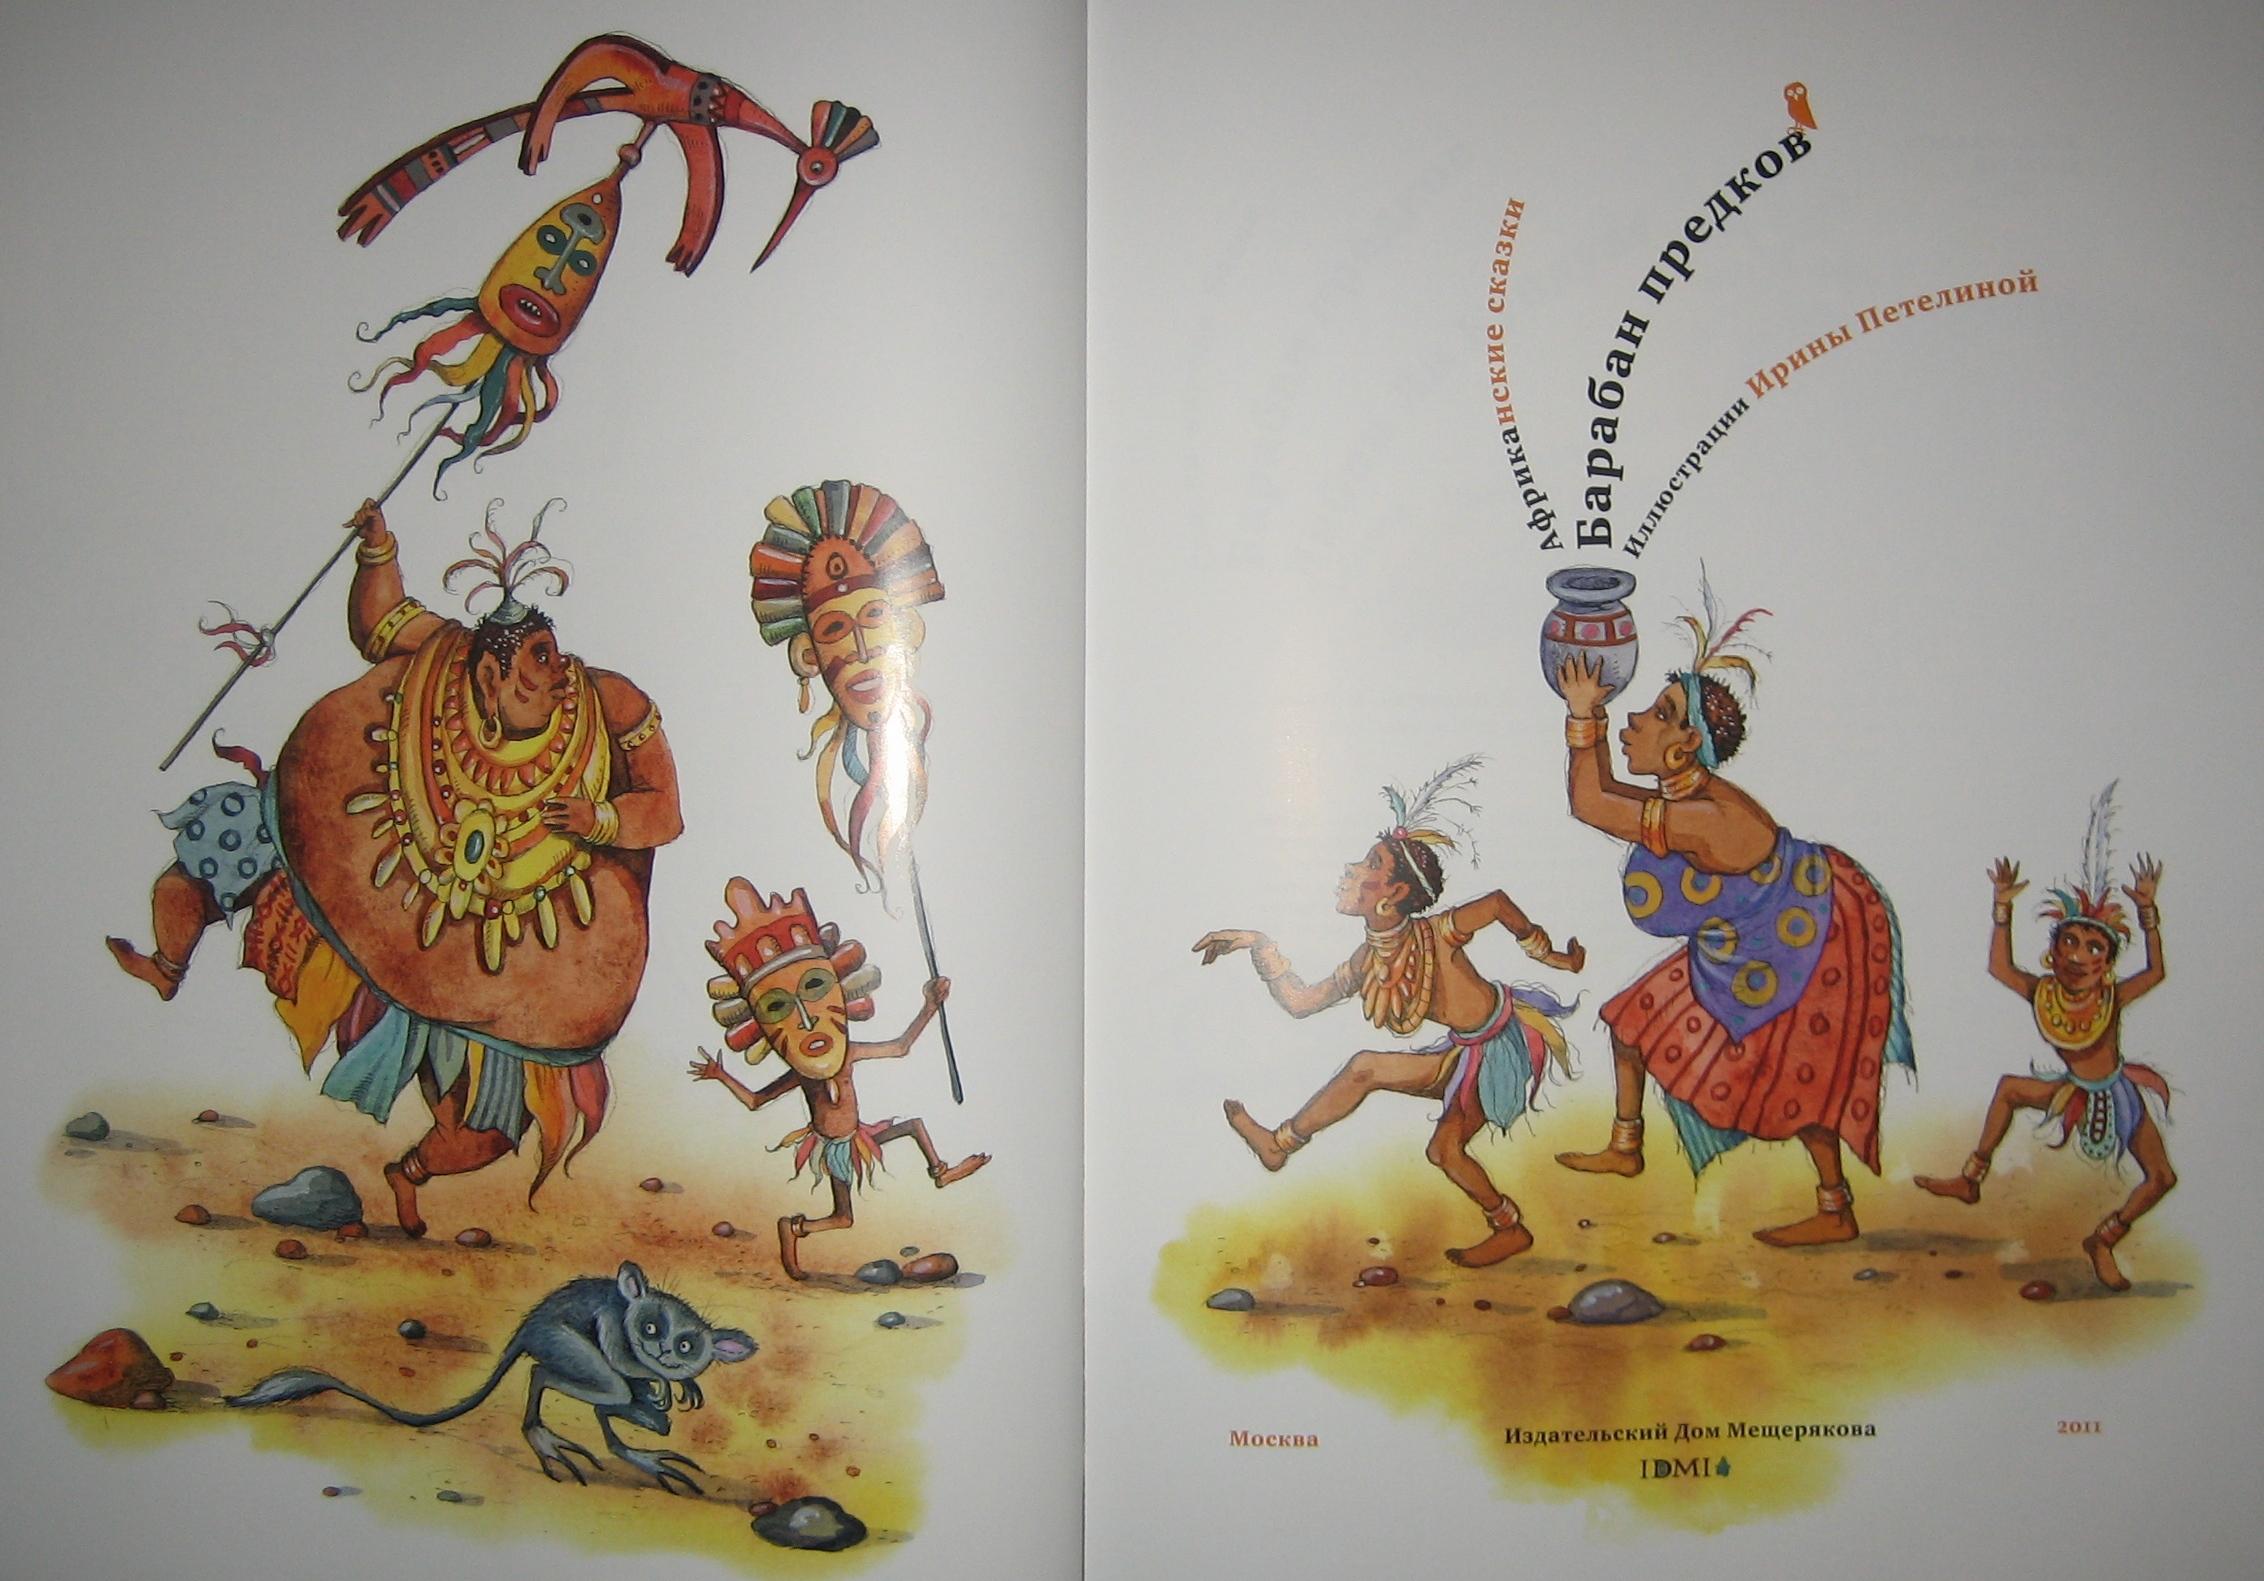 иллюстрации к африканским сказкам труд сбору